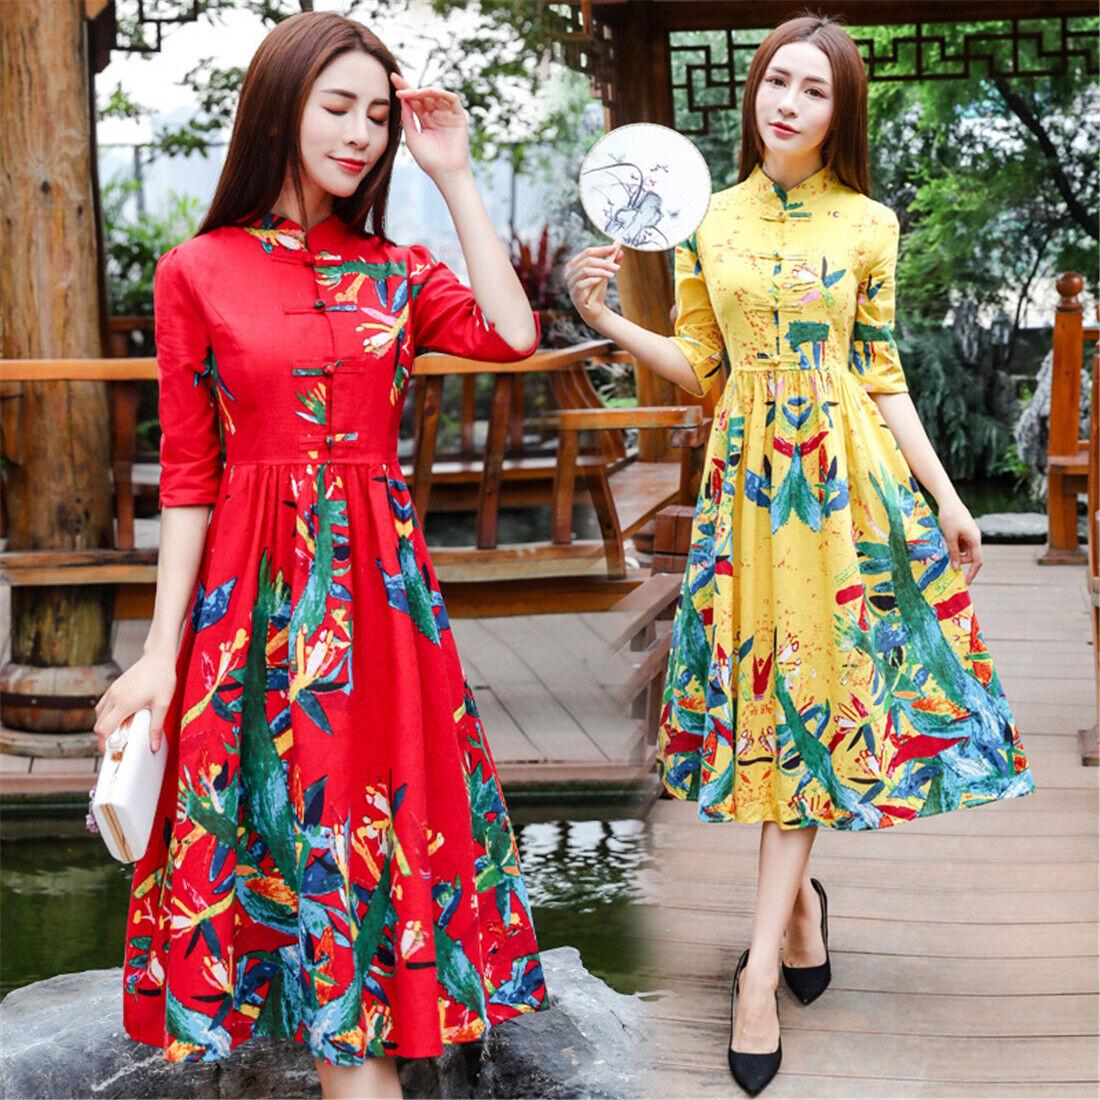 Summer Cotton Linen Short Sleeves A-Line Women Slim Long Dress Cheongsam M-2XL